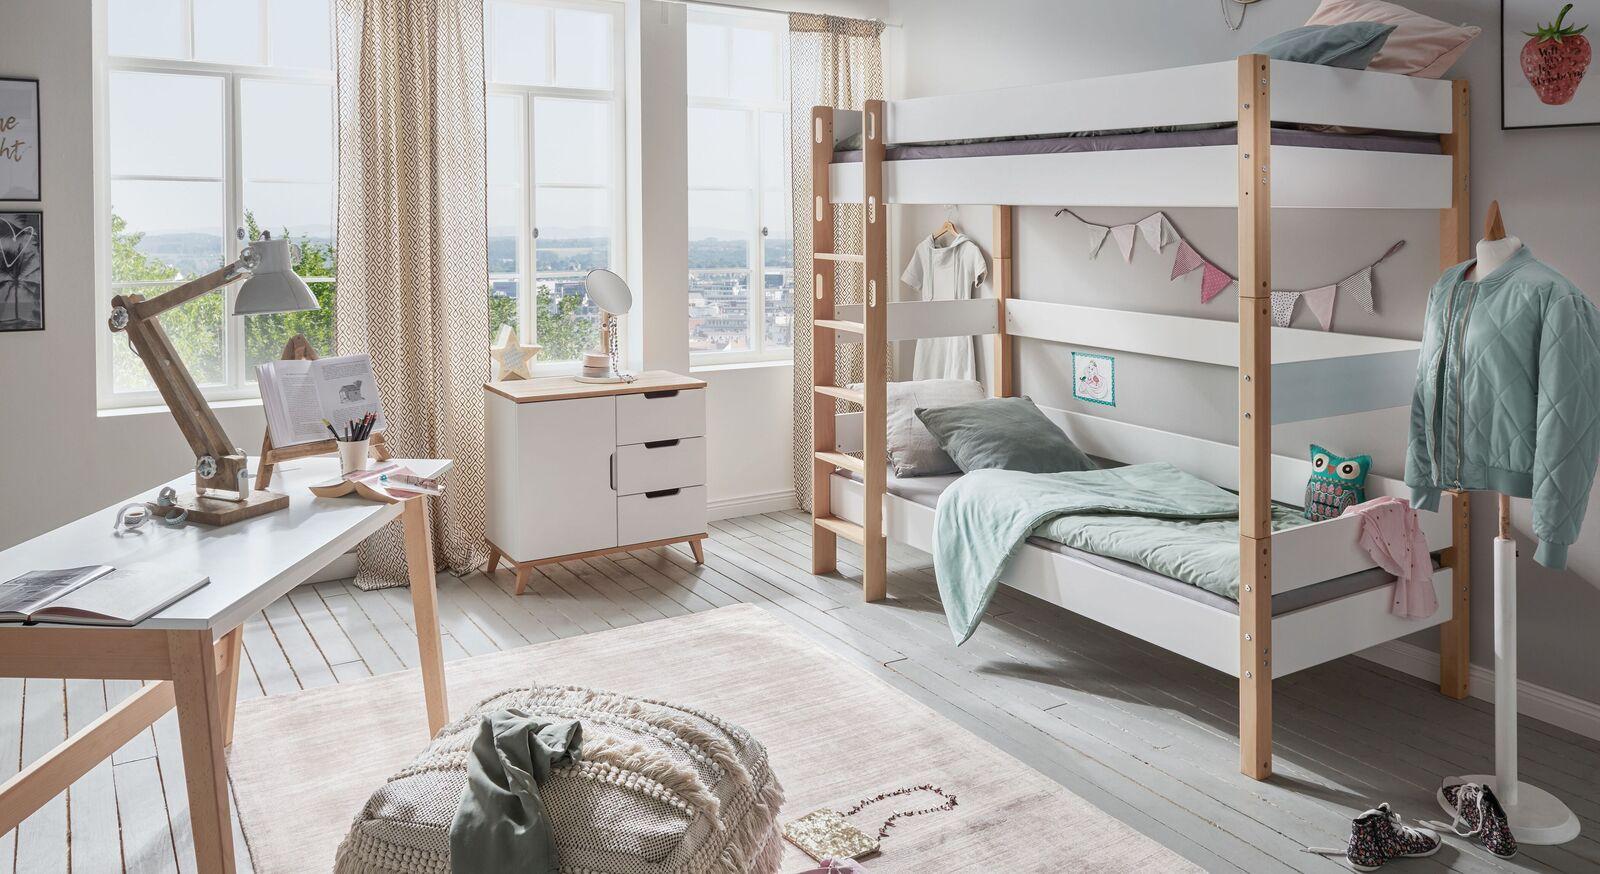 Etagenbett Kids Nordic Girld mit zwei Schlafplätzen